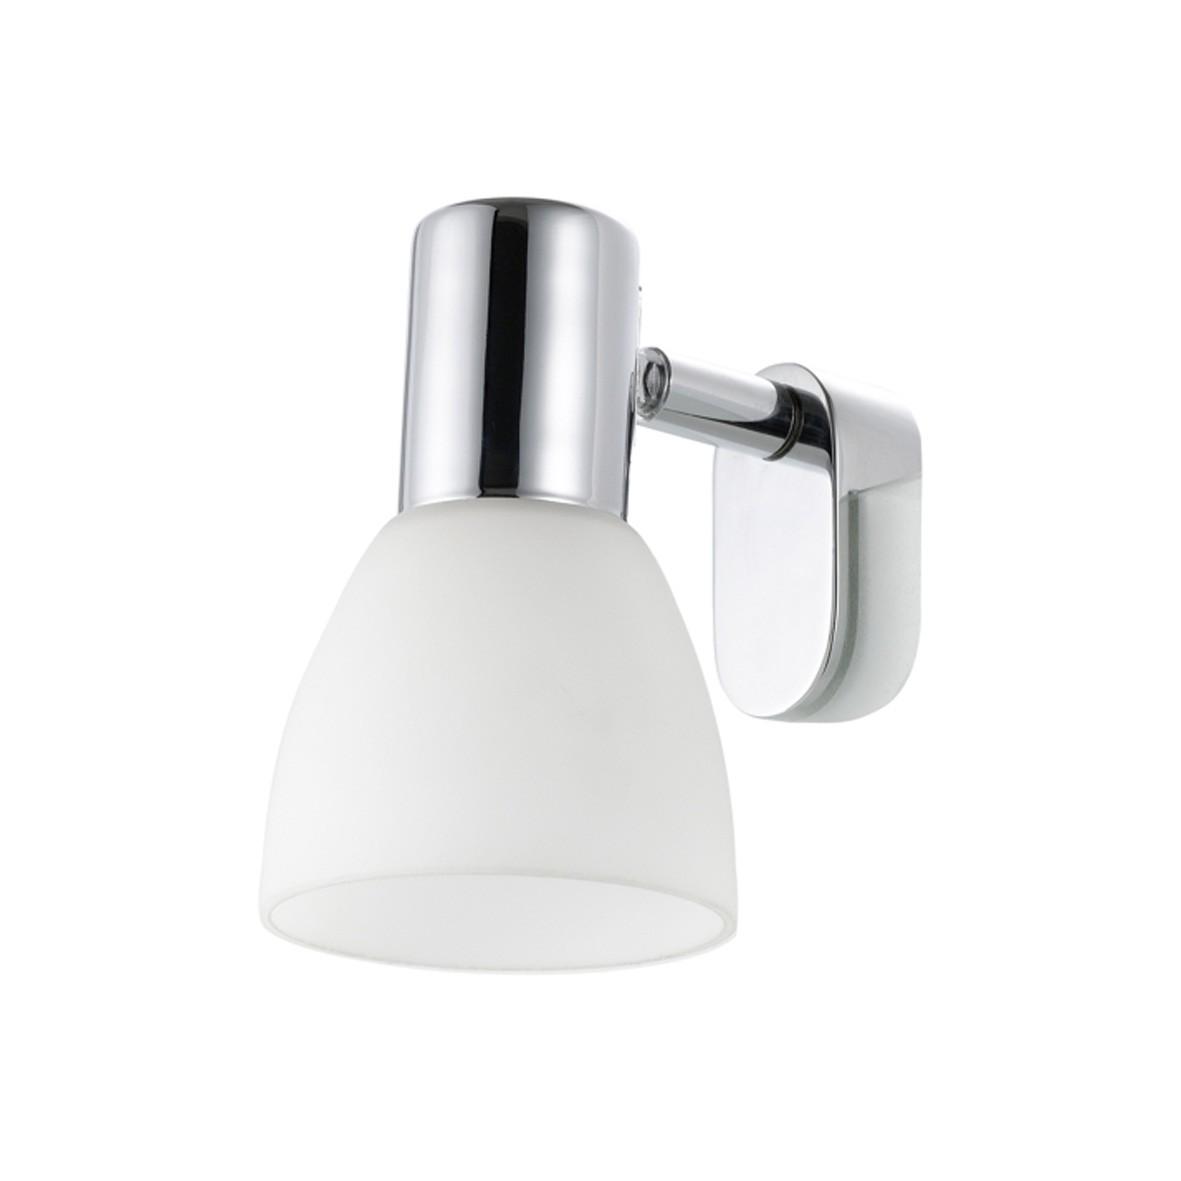 Lampade Per Bagno Da Specchio.Lampada Per Specchio Eglo Sticker Vetro Brillaluce It